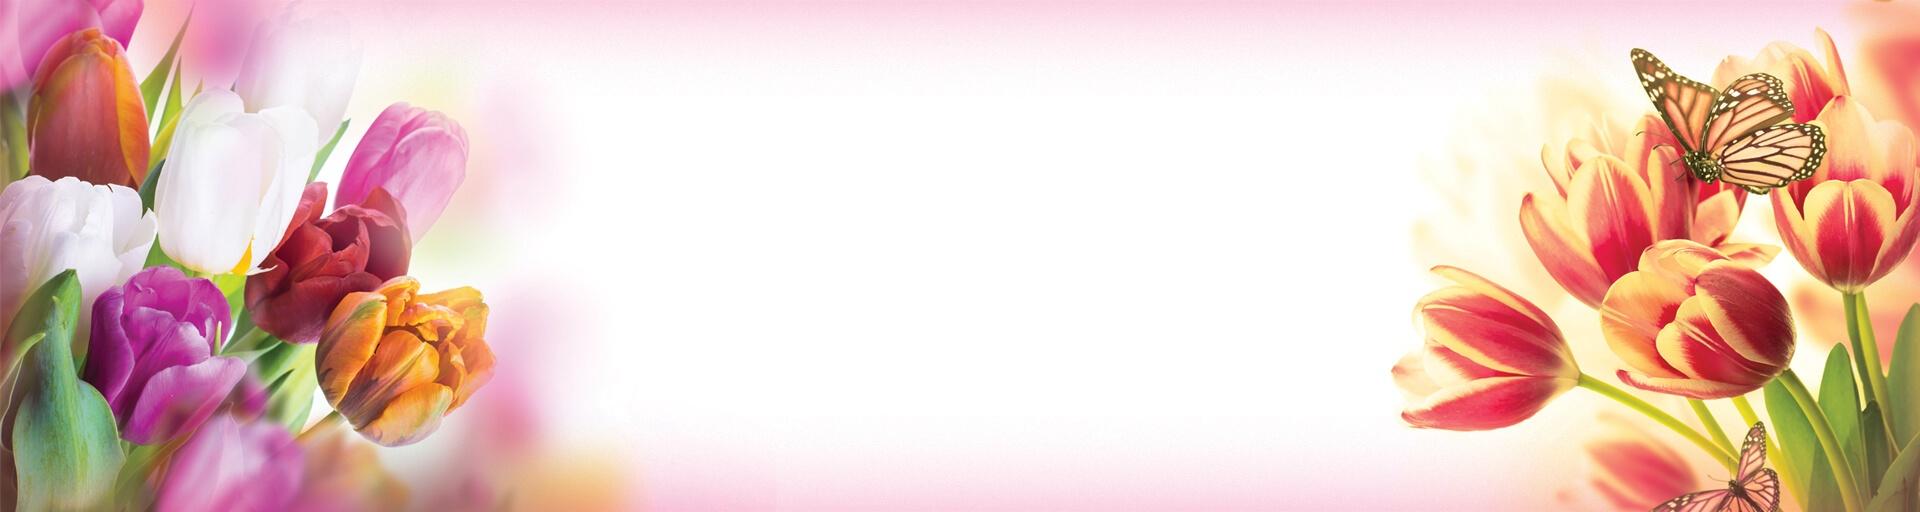 rudua_banner_1920x512_56d59e06affc3.jpg